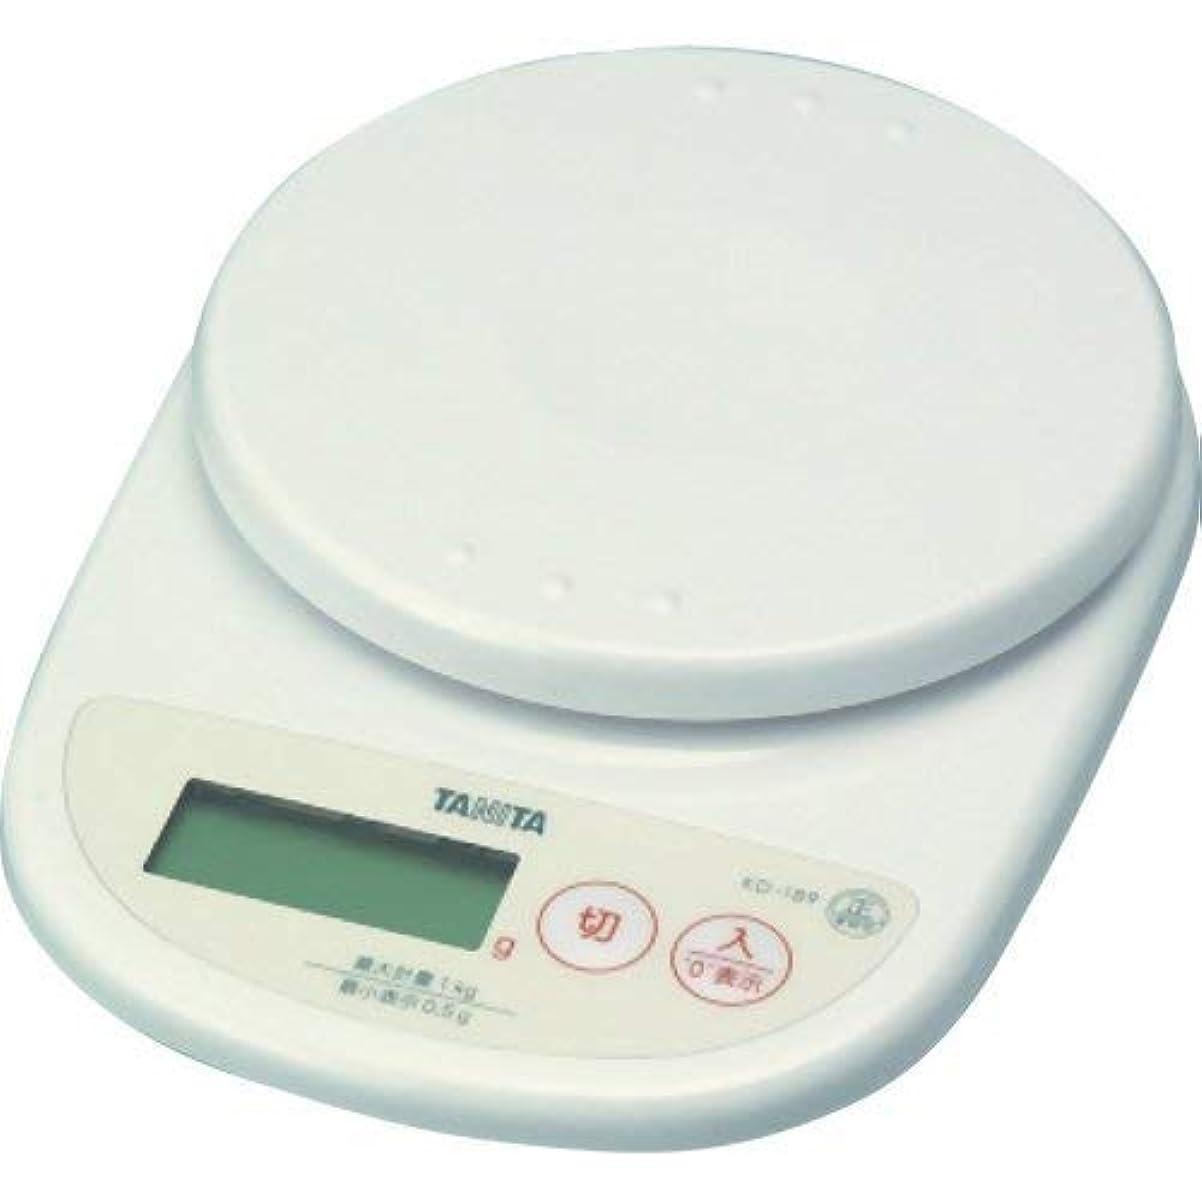 一般くつろぎ慰め電子量1kg KD-189